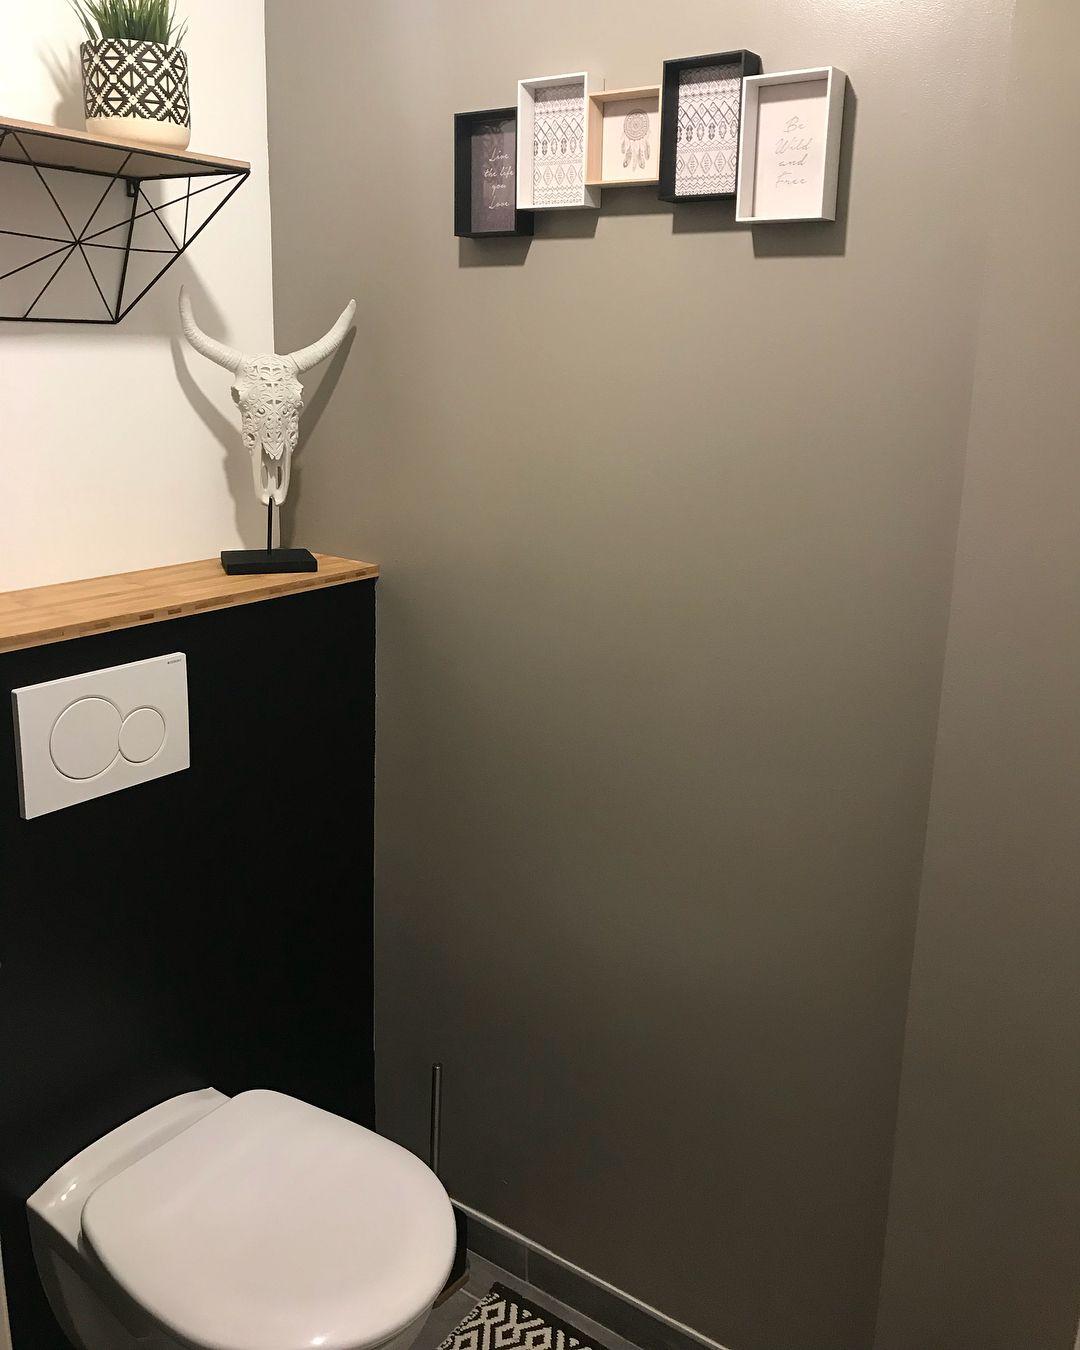 Hashtag Decowc Sur Instagram Photos Et Videos Home Decor Styles Small Toilet Room Home Decor